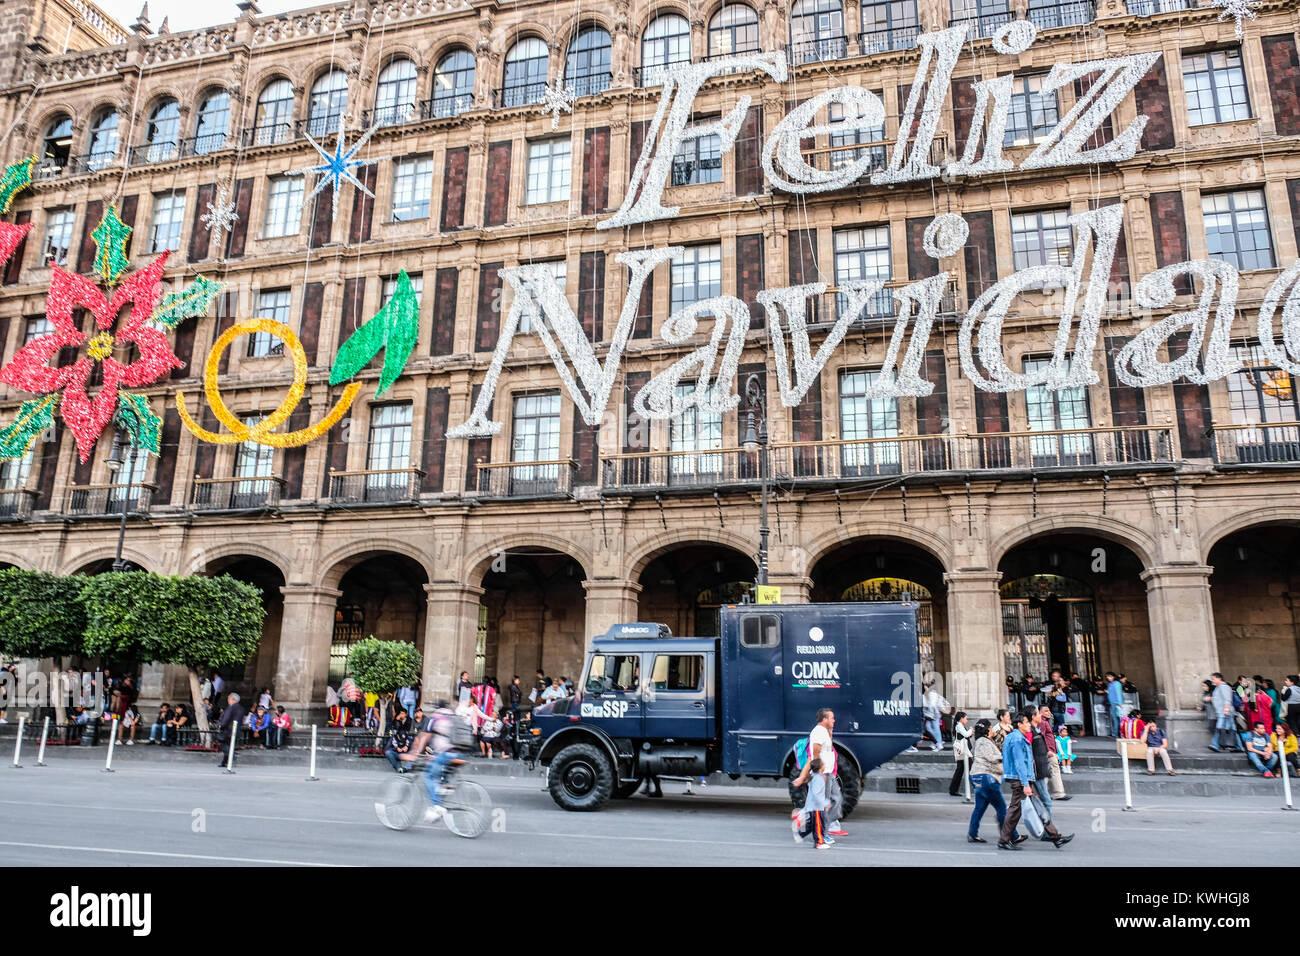 Feliz Navidad gigante signo en construcción en el zócalo, plaza principal de la Ciudad de México Imagen De Stock